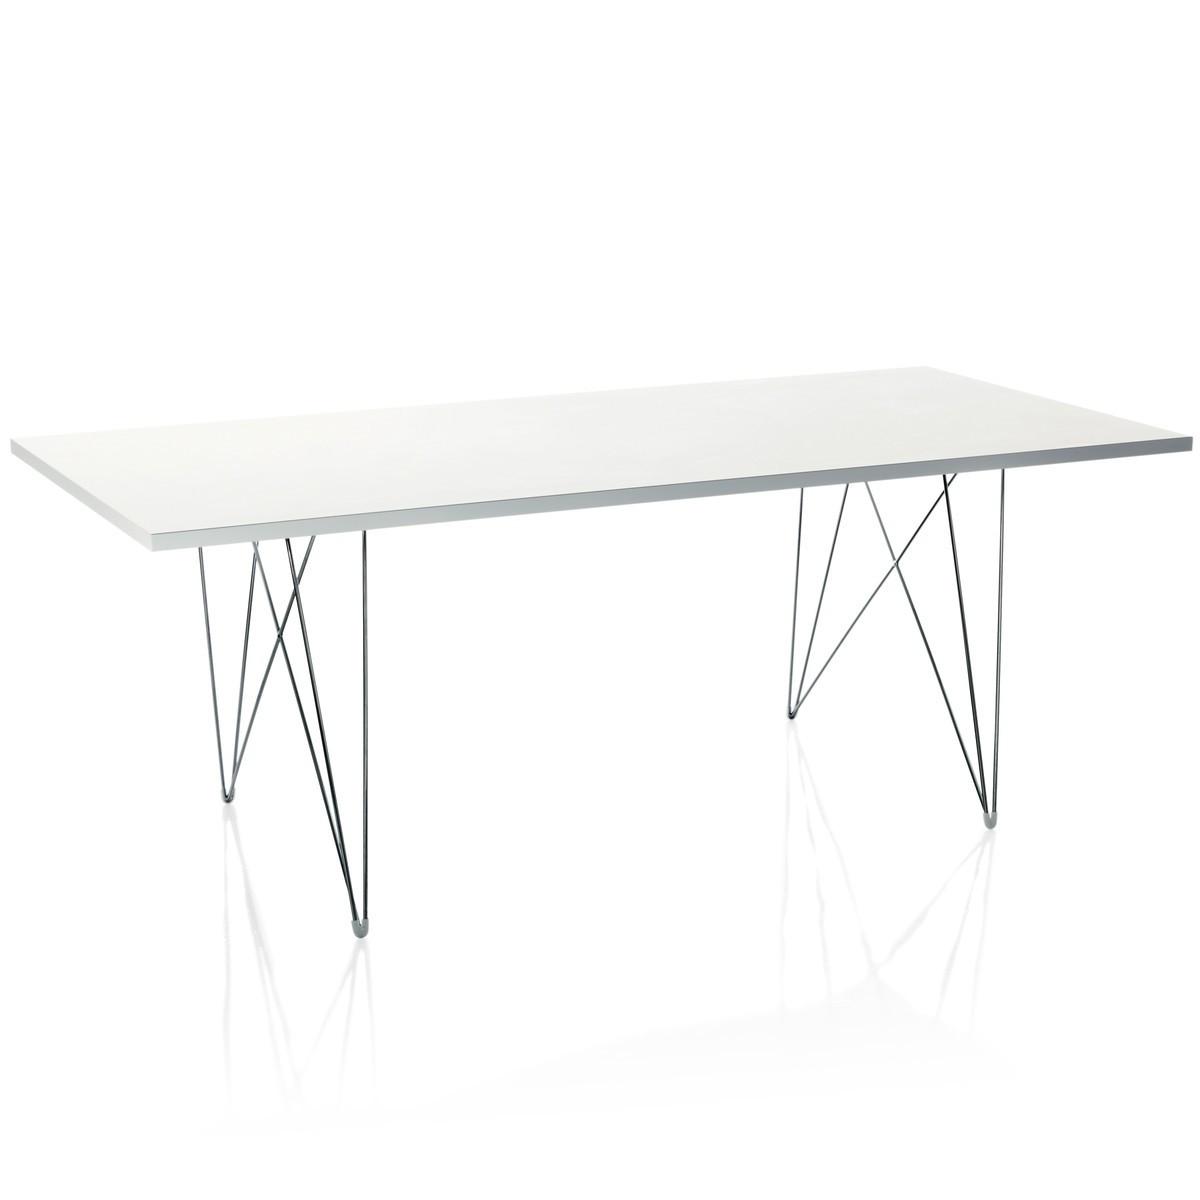 Magis tavolo xz3 rechthoekig puur design interieur - Tafel magis eerste ...